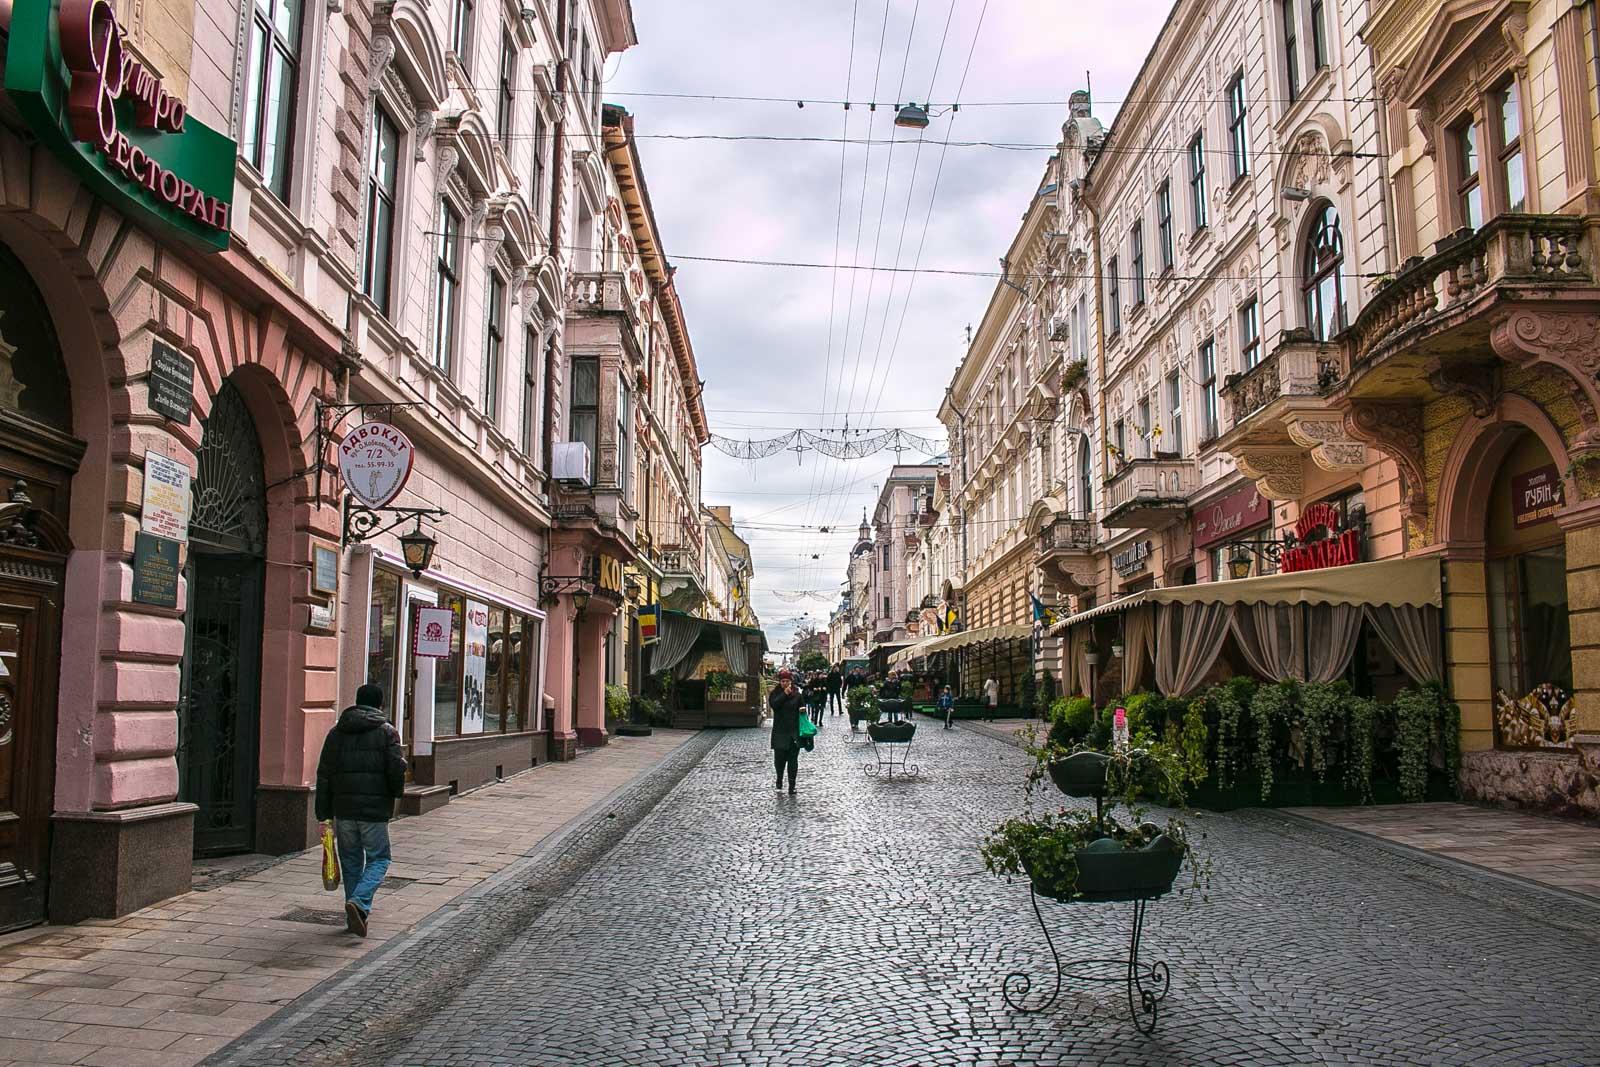 Olha-Kobyljanska-Straße Czernowitz